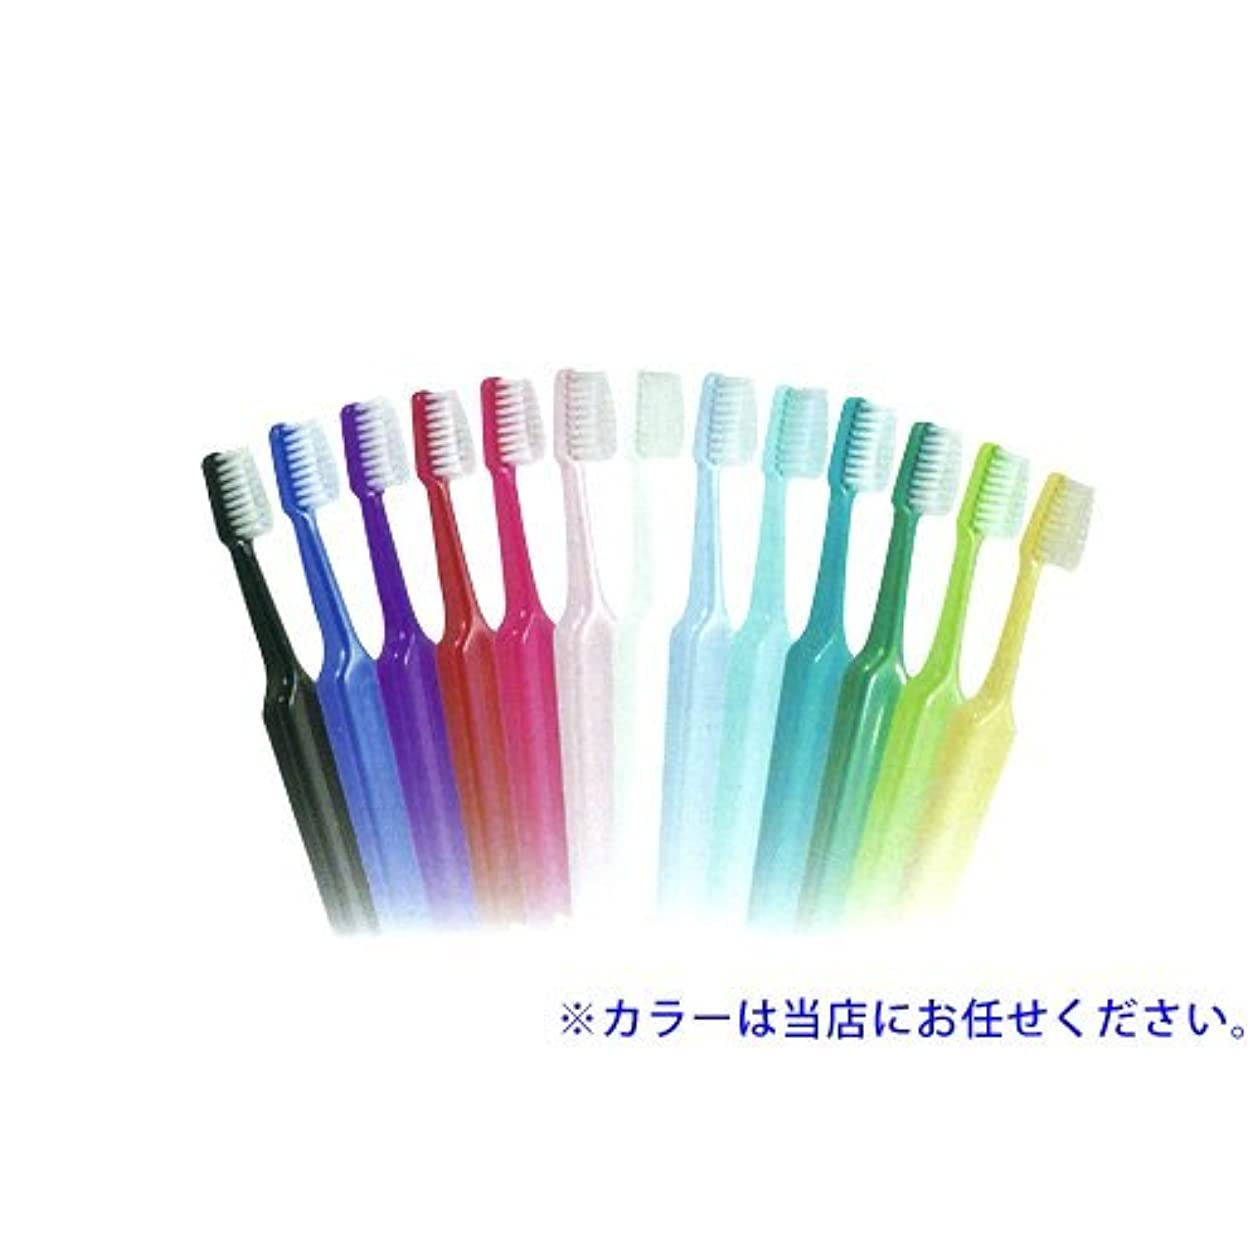 のぞき穴黒人リーダーシップクロスフィールド TePe テペ セレクト 歯ブラシ 1本 ソフト